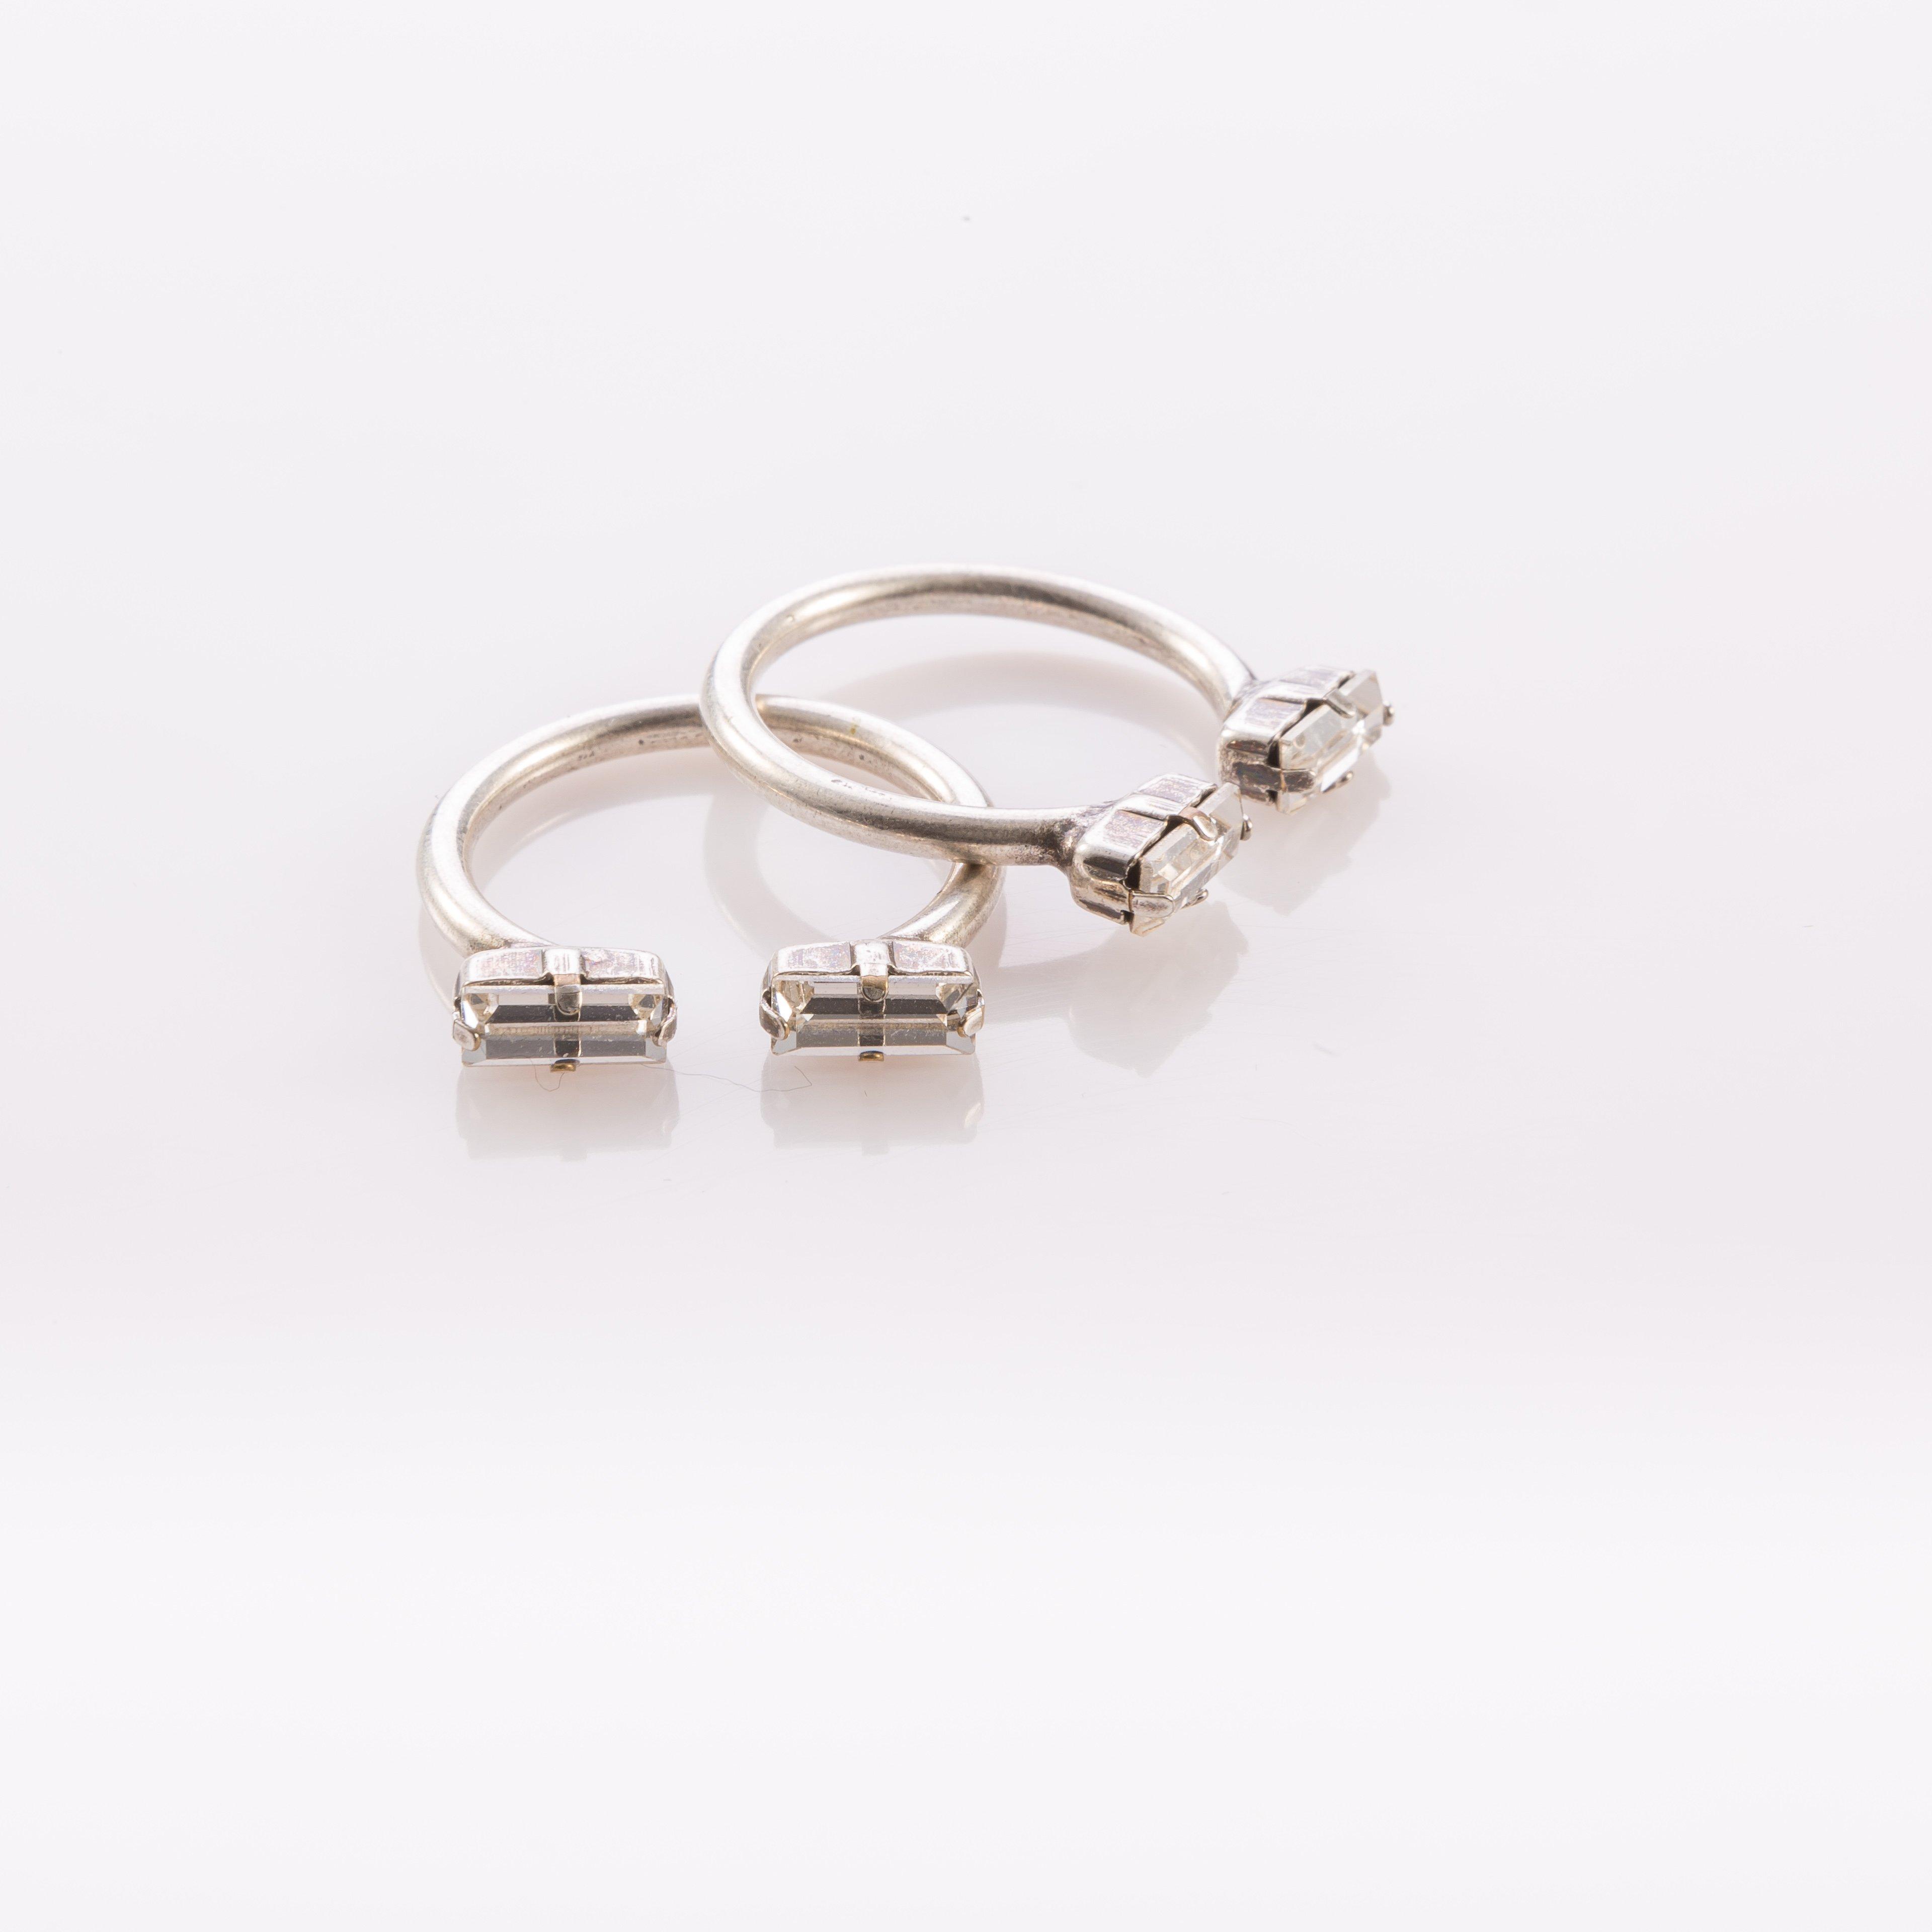 טבעת כסף פתוחה עם שתי אבנים שקופות